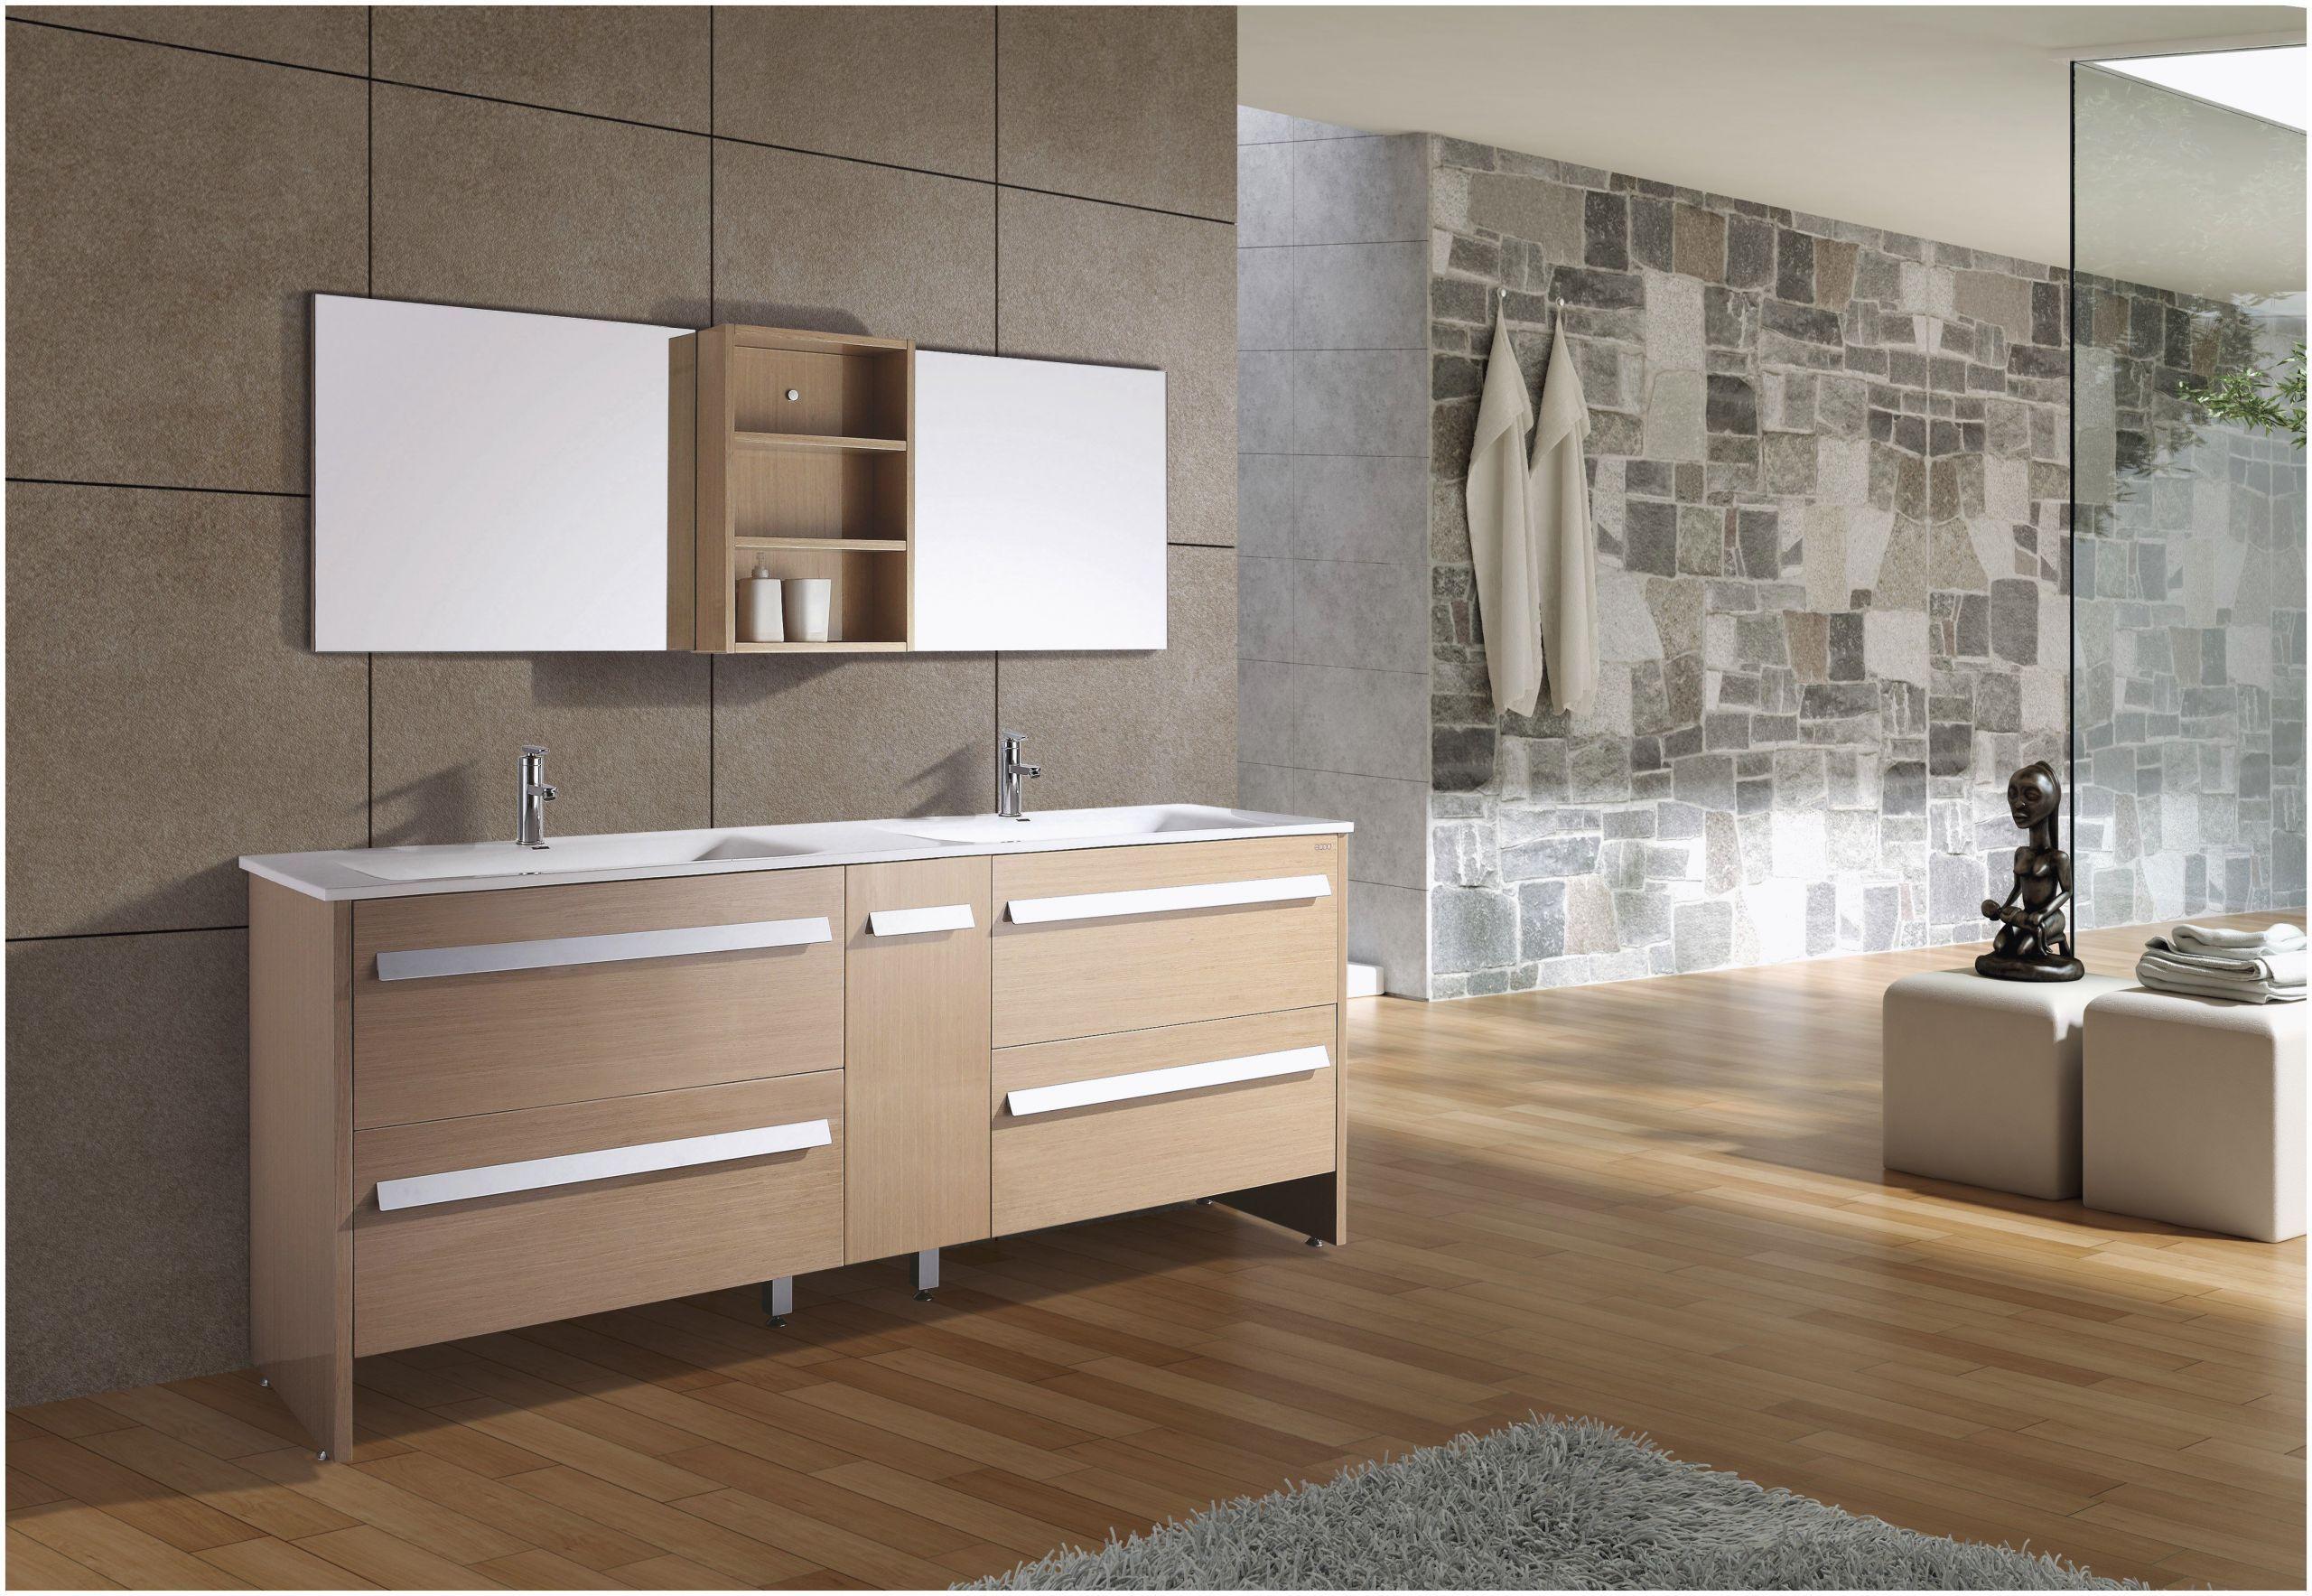 Lowes Clearance Bathroom Vanities Of Bathroom Vanities In 2020 Bathroom Vanity Style Modern Bathroom Vanity Small Bathroom Remodel Pictures